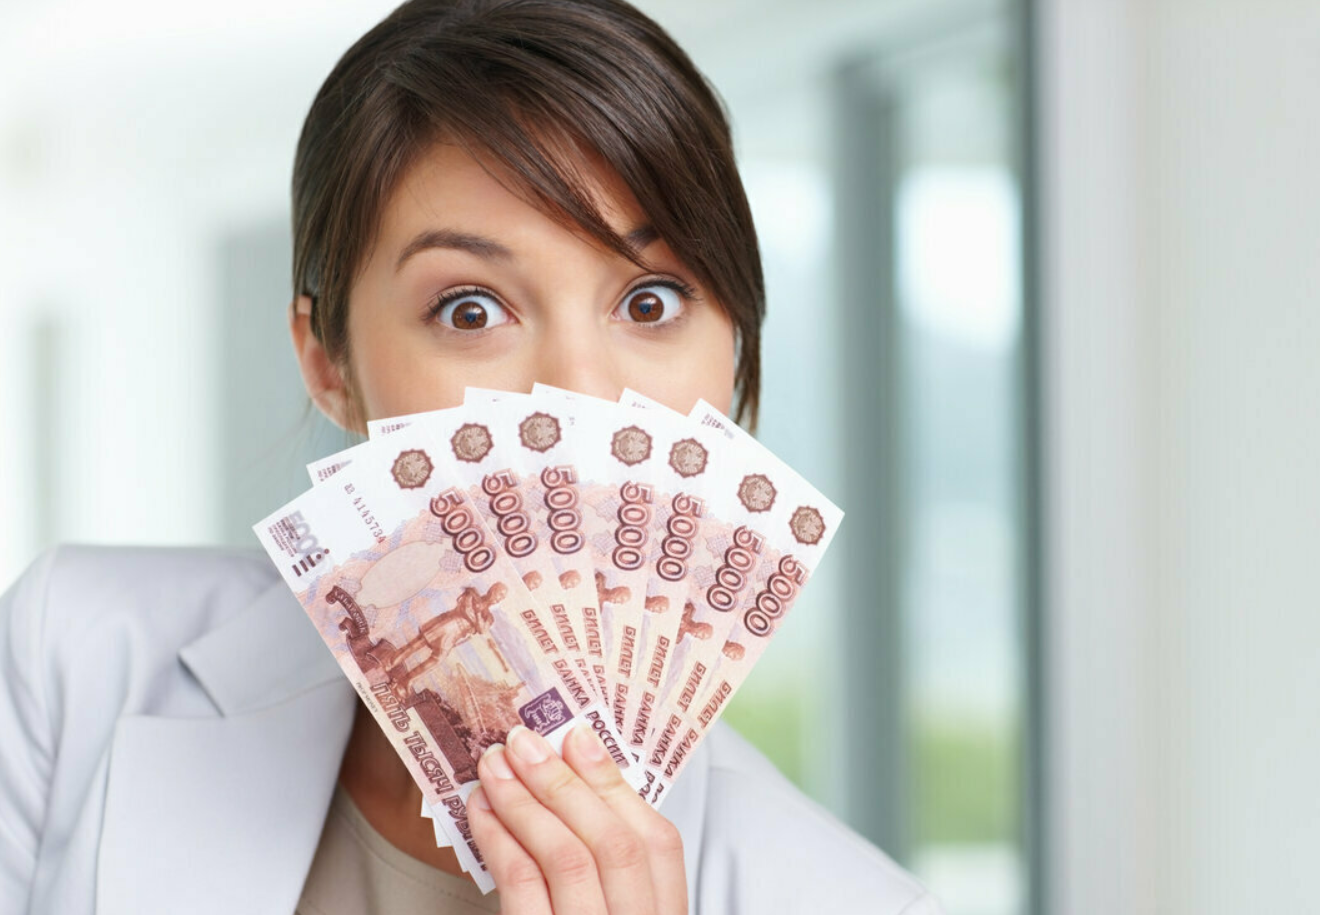 В деньгах счастье: россияне рассказали, сколько они хотят зарабатывать в месяц